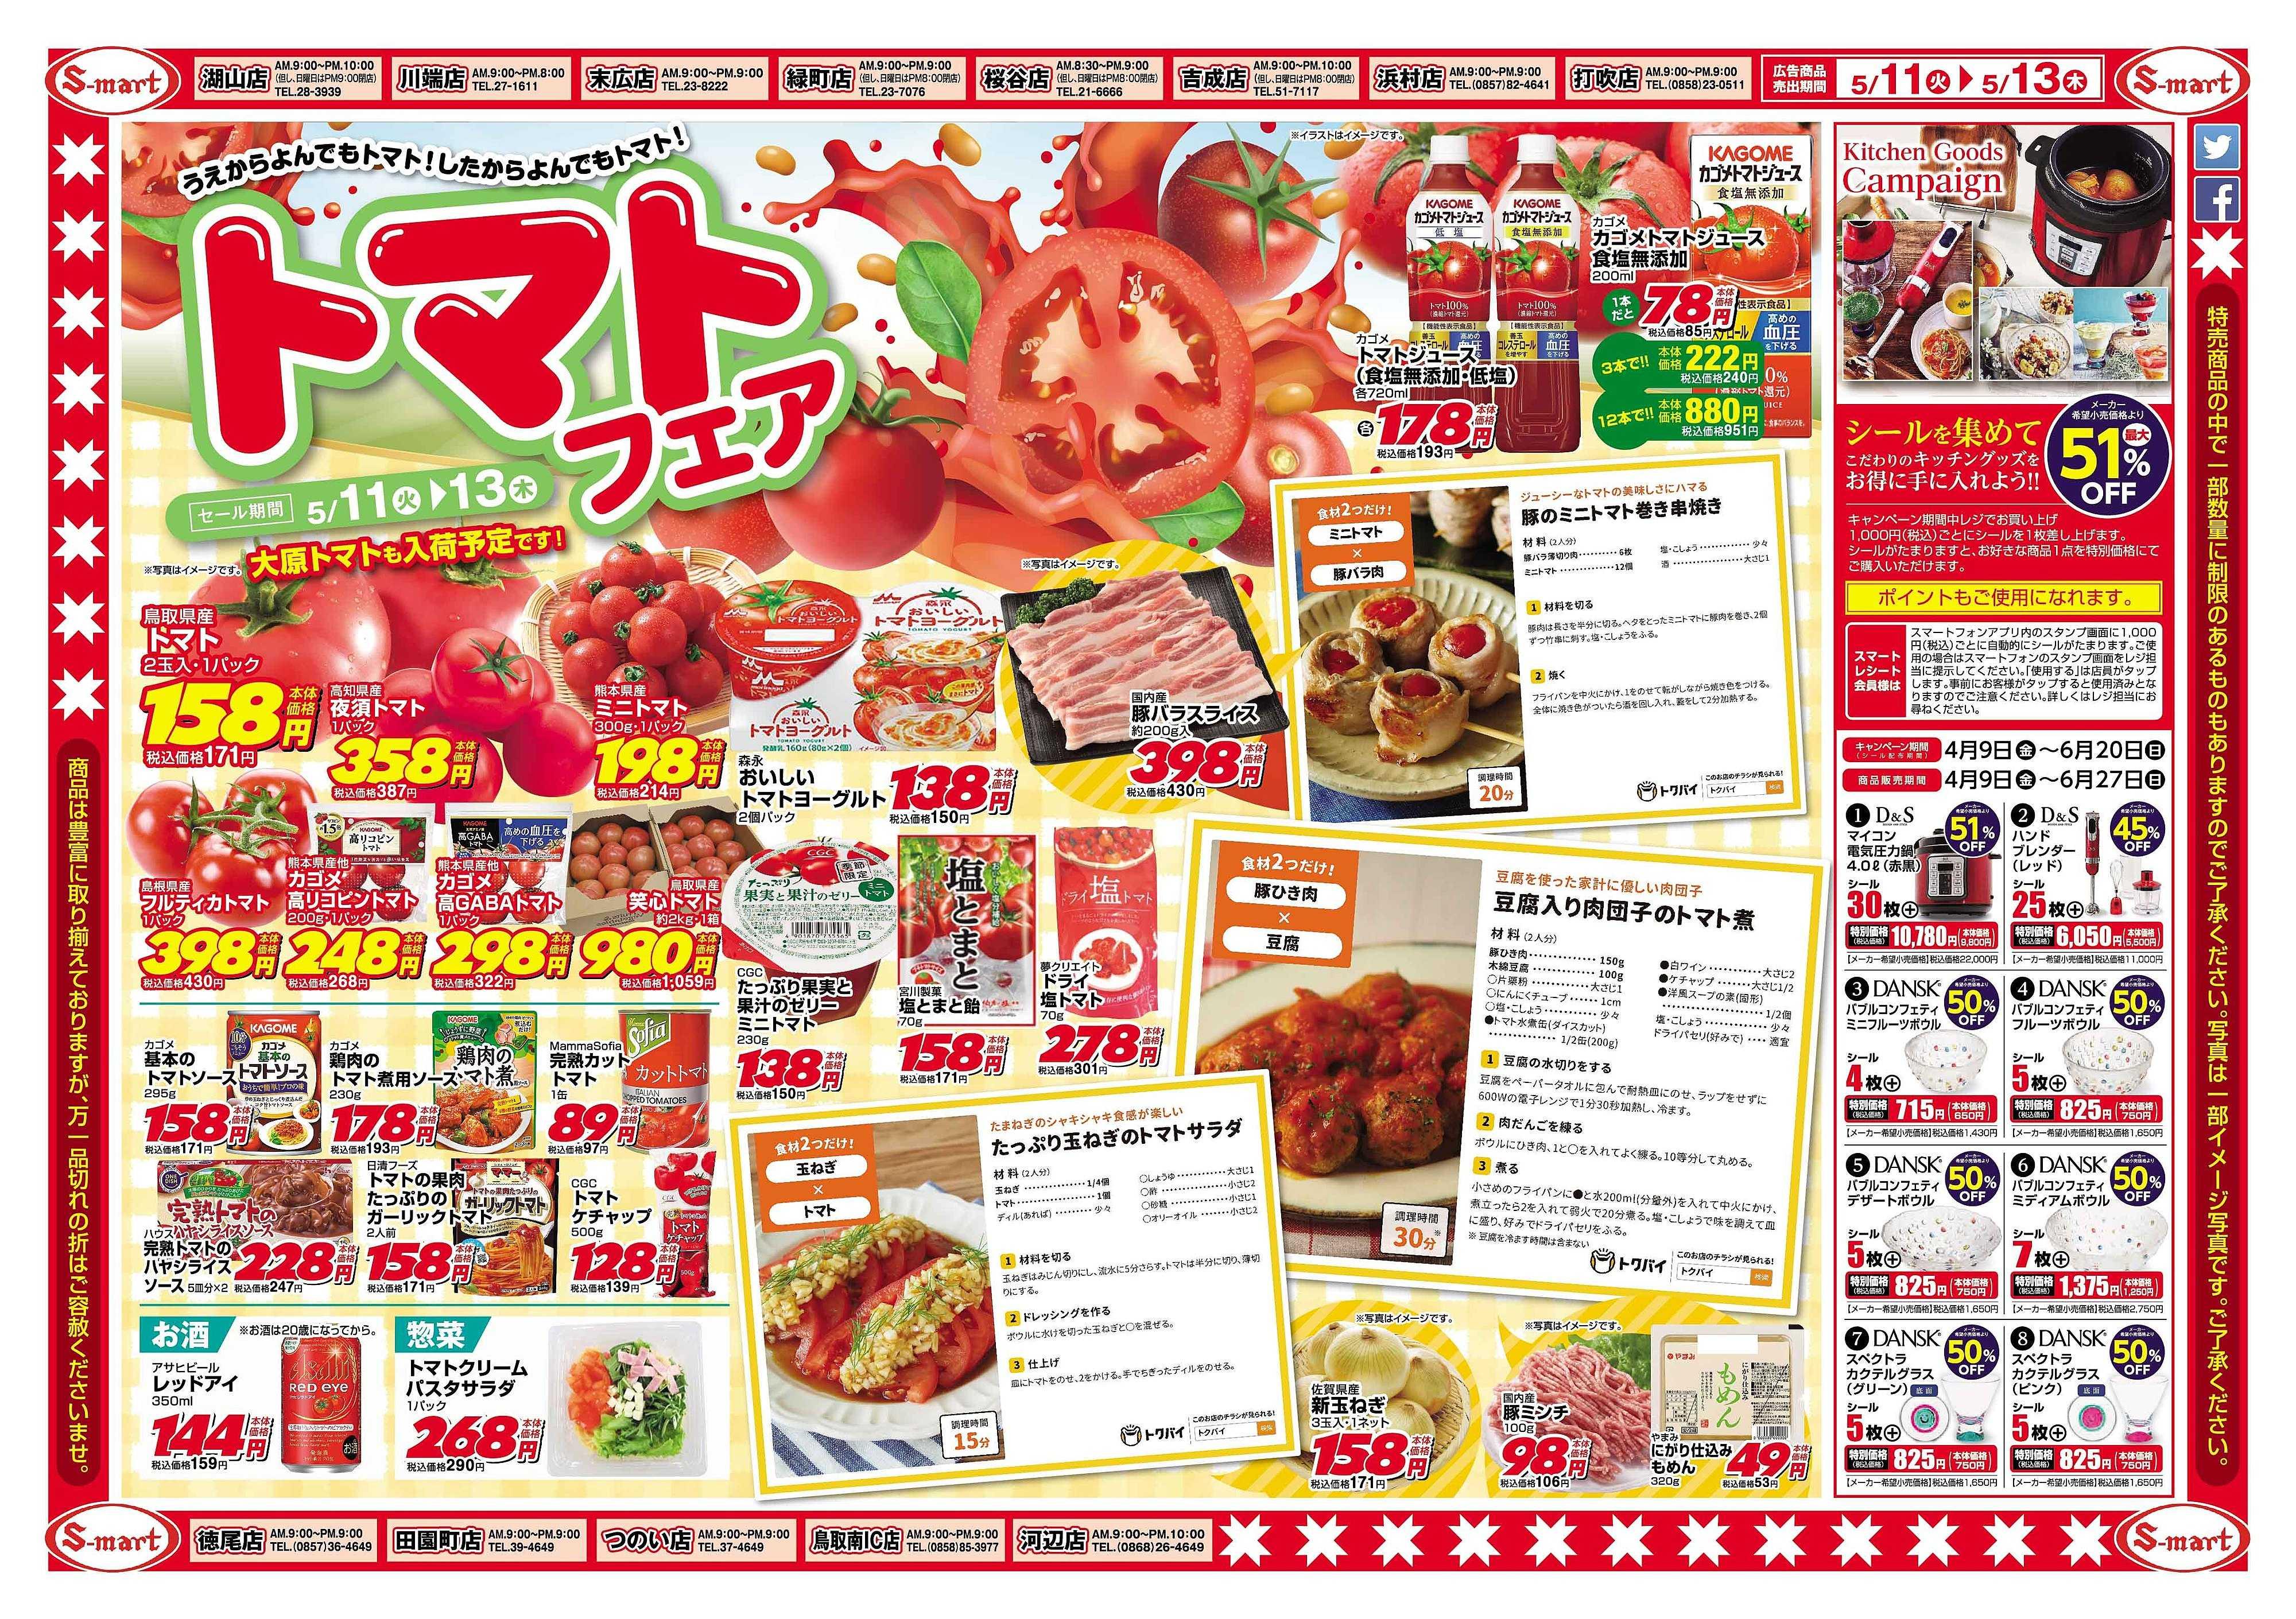 エスマート 11日~13日はトマトフェアー・トマトレシピも掲載しています。